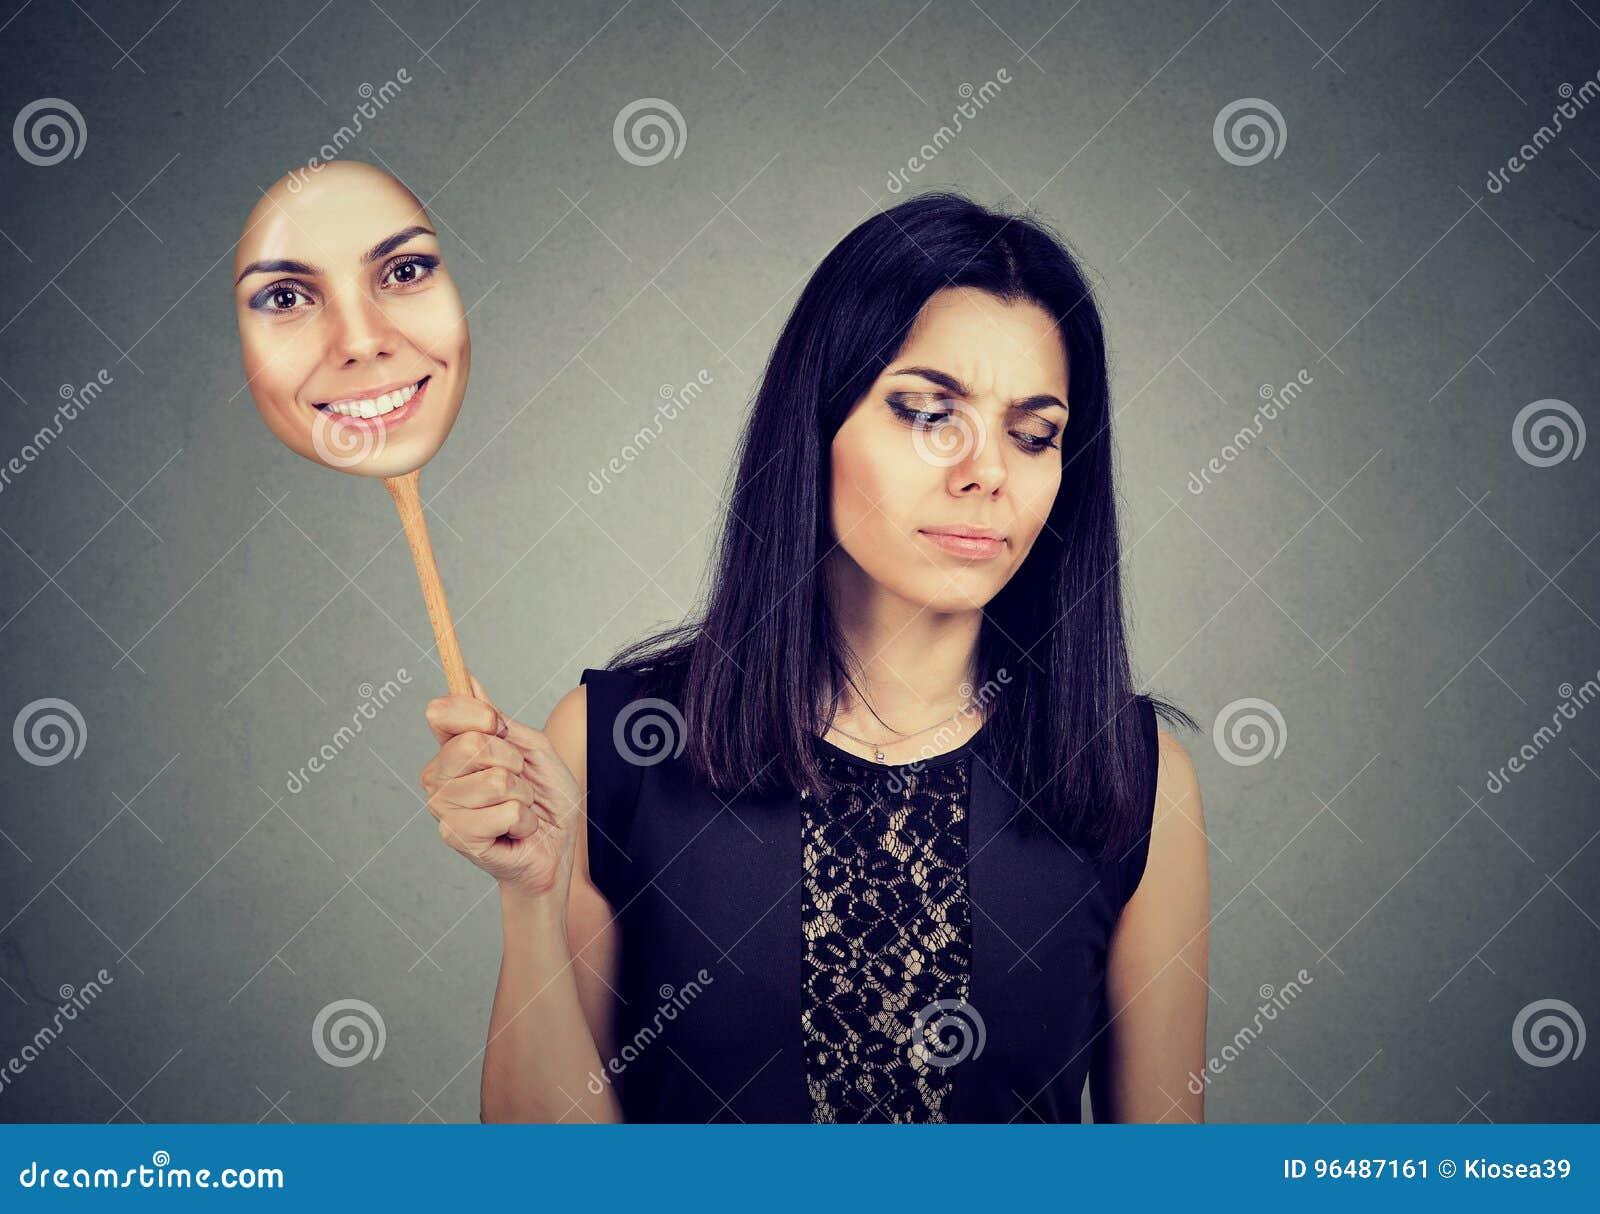 Vrouw met het droevige uitdrukking nemen van een masker die opgewektheid uitdrukken